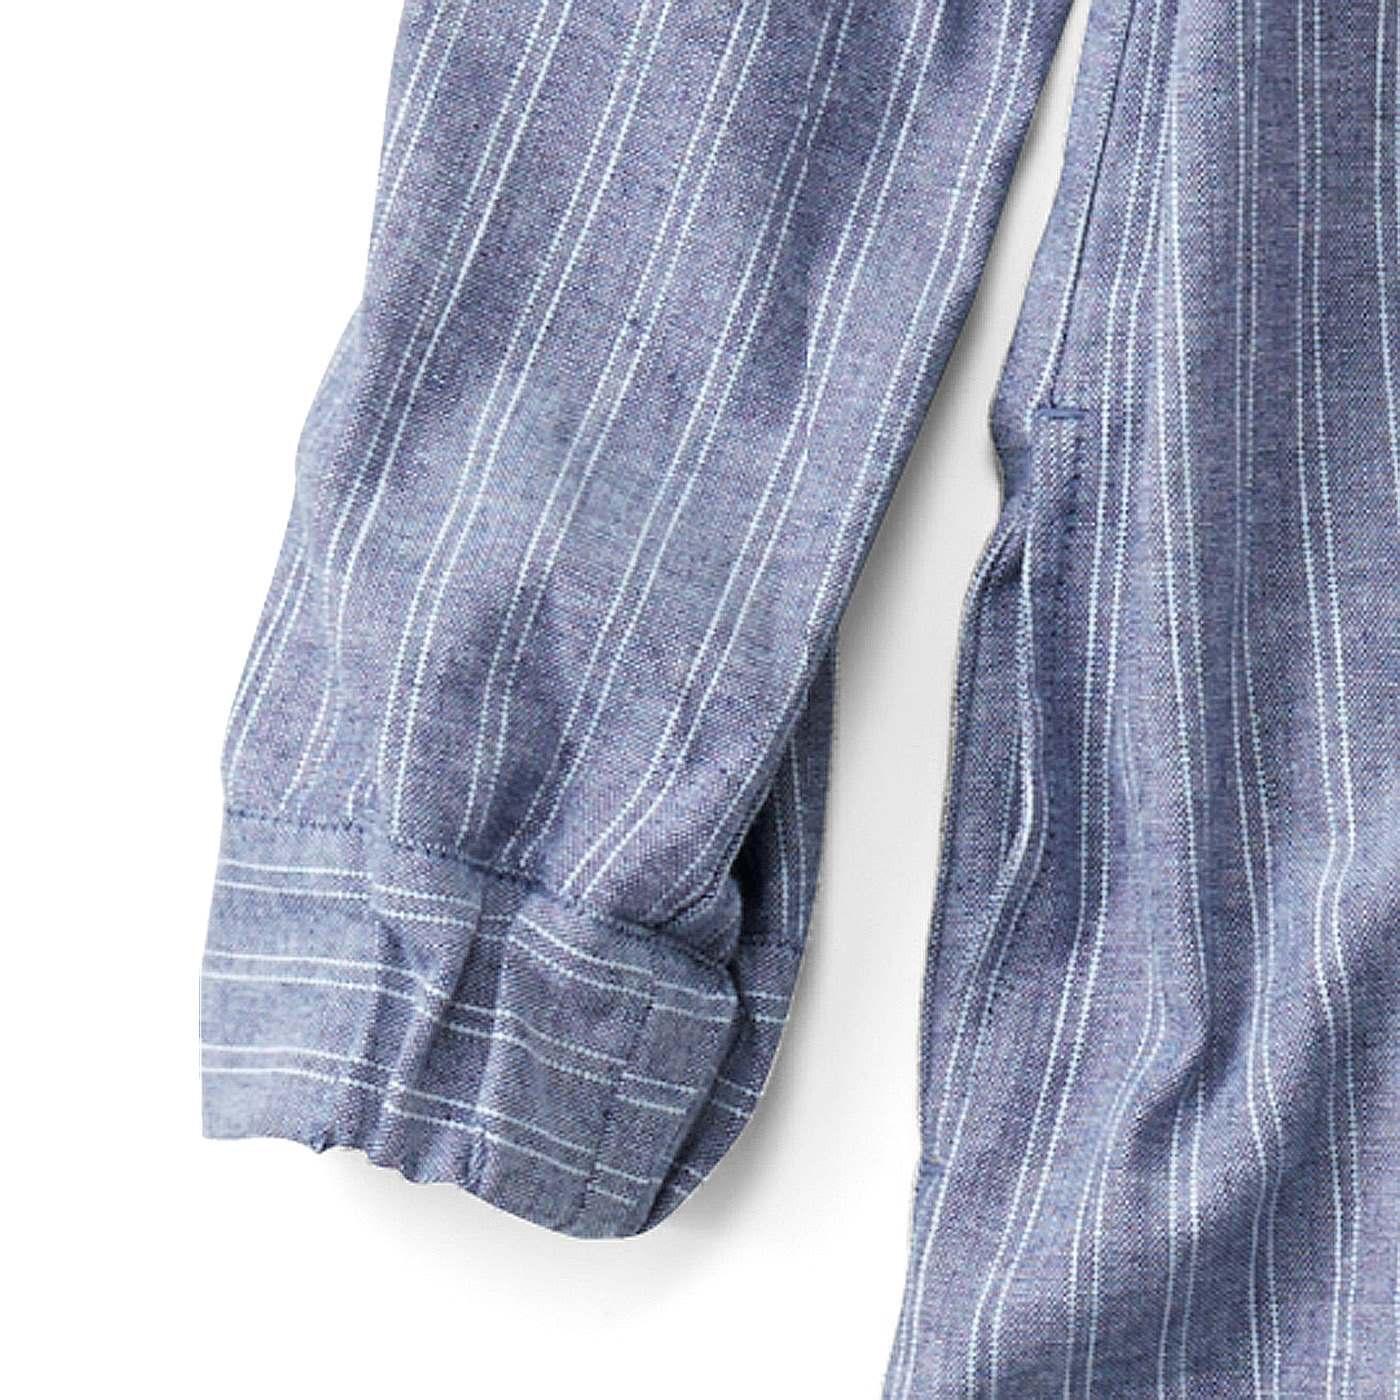 袖口はゴム仕様で着脱簡単&すき間風をブロック。両サイドに便利な大きめポケット付き。